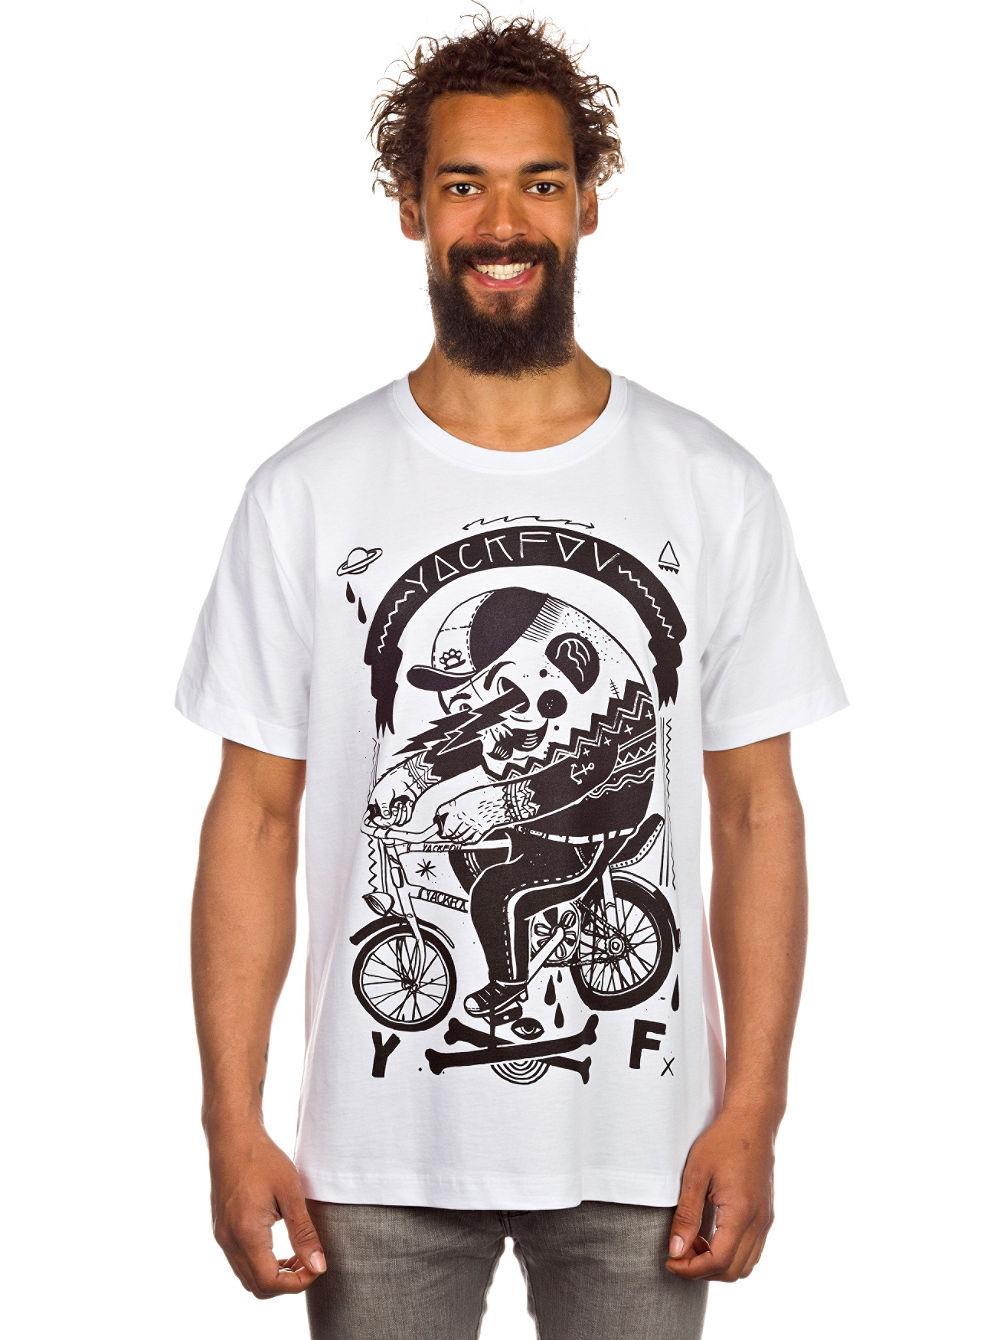 Potato By Bike T-Shirt